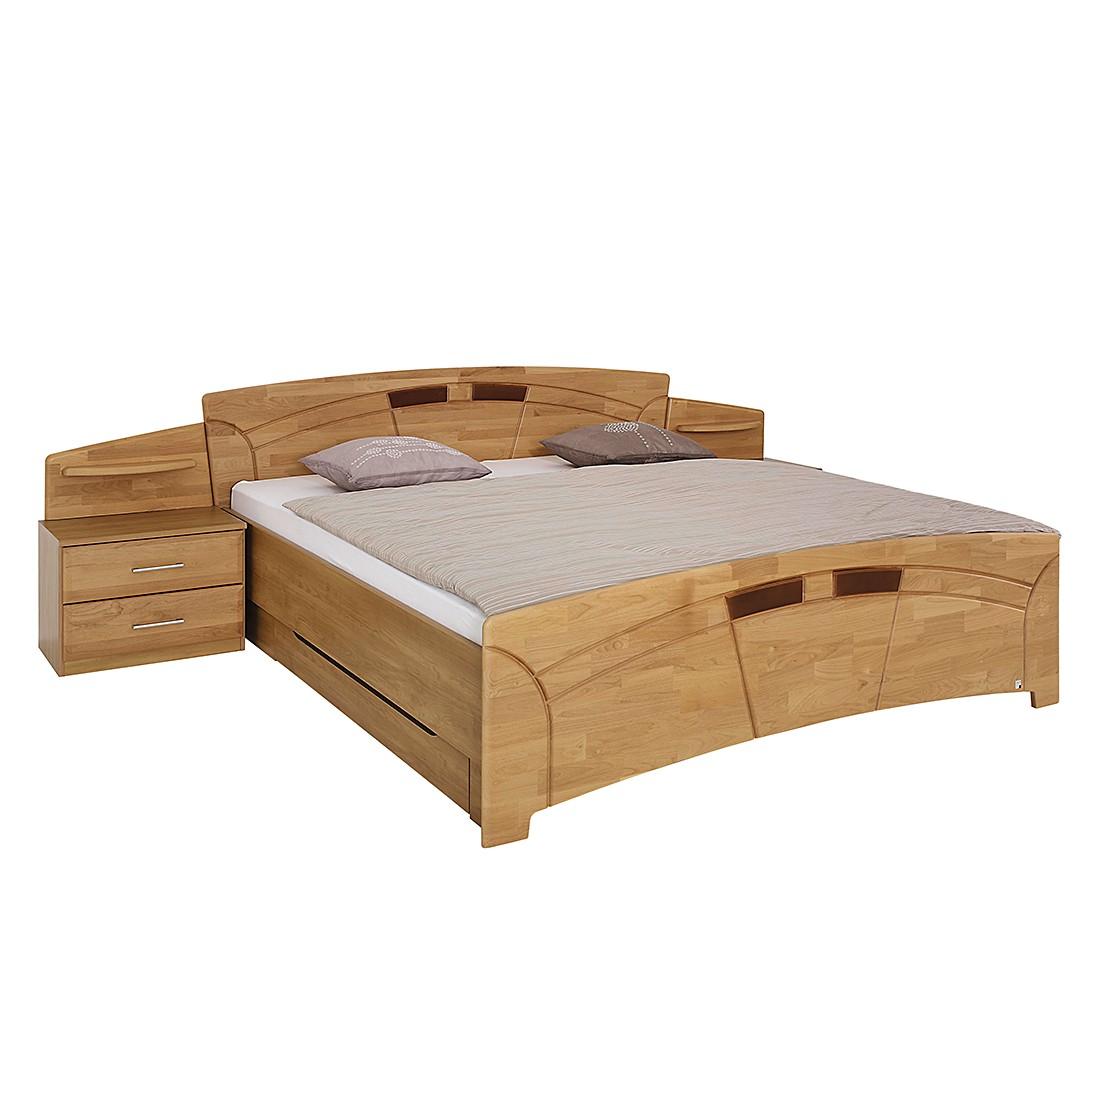 Ensemble de lit Sarah III - Aulne partiellement massif - Verni - 180 x 200 cm - Avec tables de nuit,